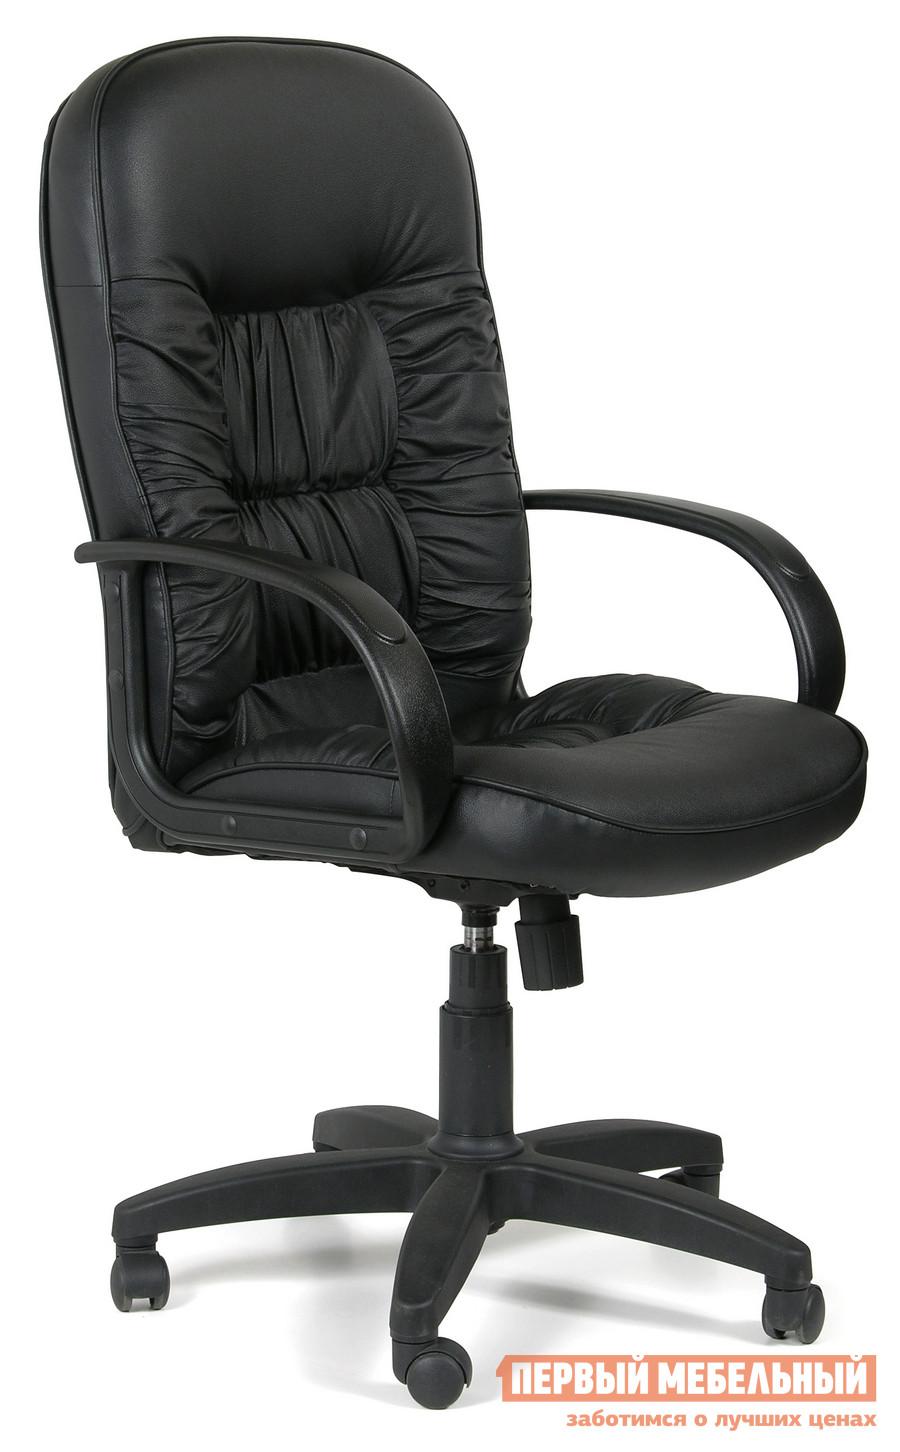 Кресло руководителя Chairman CH 416 Эко-кожа черная матоваяКресла руководителя<br>Габаритные размеры ВхШхГ 1100 / 1190x650x500 мм. Функциональное, удобное и привлекательное по цене кресло для настоящих руководителей.  Кресло регулируется по высоте.  Подлокотники имеют удобную анатомическую форму.  Материал, из которого изготовлено кресло, отличается своей долговечностью и привлекательным внешним видом. Наполнение: Стандартный (standart) поролон плотности 25-40 кг/м3Металлические подлокотники с накладками из пластика;Механизм качания с фиксацией кресла в рабочем положении;Крестовина из черного пластика;Газпатрон 3 категории по стандарту Germany DIN 4550;Ролик стандарта BIFMA 5,1 (США); диаметр штока 11 мм, материал - полиамид;Максимальная нагрузка: 120 кг.<br><br>Цвет: Эко-кожа черная матовая<br>Цвет: Черный<br>Высота мм: 1100 / 1190<br>Ширина мм: 650<br>Глубина мм: 500<br>Кол-во упаковок: 1<br>Форма поставки: В разобранном виде<br>Срок гарантии: 12 месяцев<br>Тип: До 80 кг, До 100 кг, До 120 кг<br>Материал: Кожаные, из искусственной кожи<br>Особенности: С подлокотниками, С пластиковой крестовиной